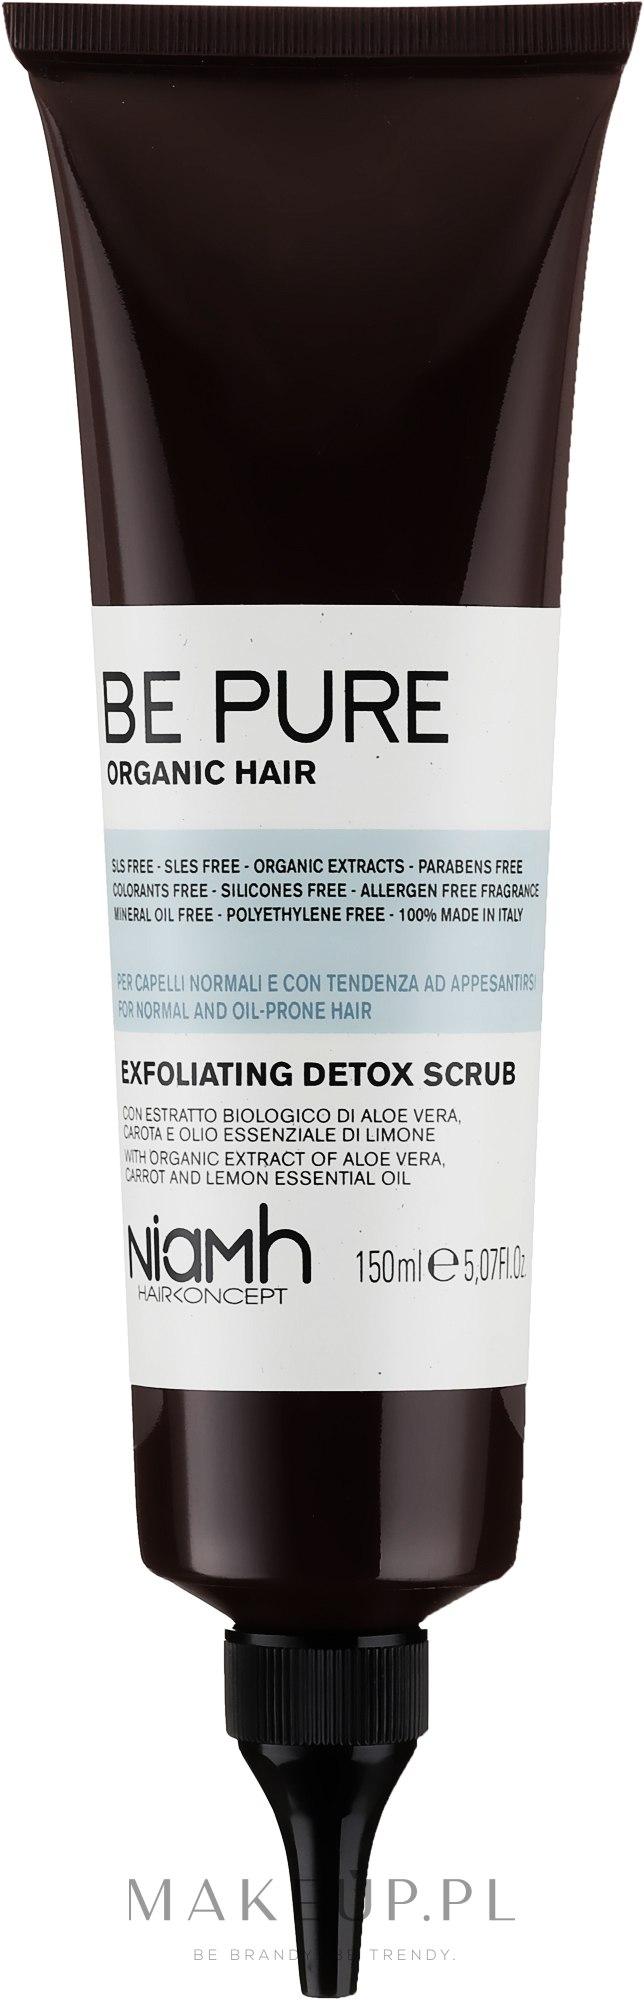 Detoksykujący peeling do skóry głowy - Niamh Hairconcept Be Pure Exfoliating Detox Scrub — фото 150 ml